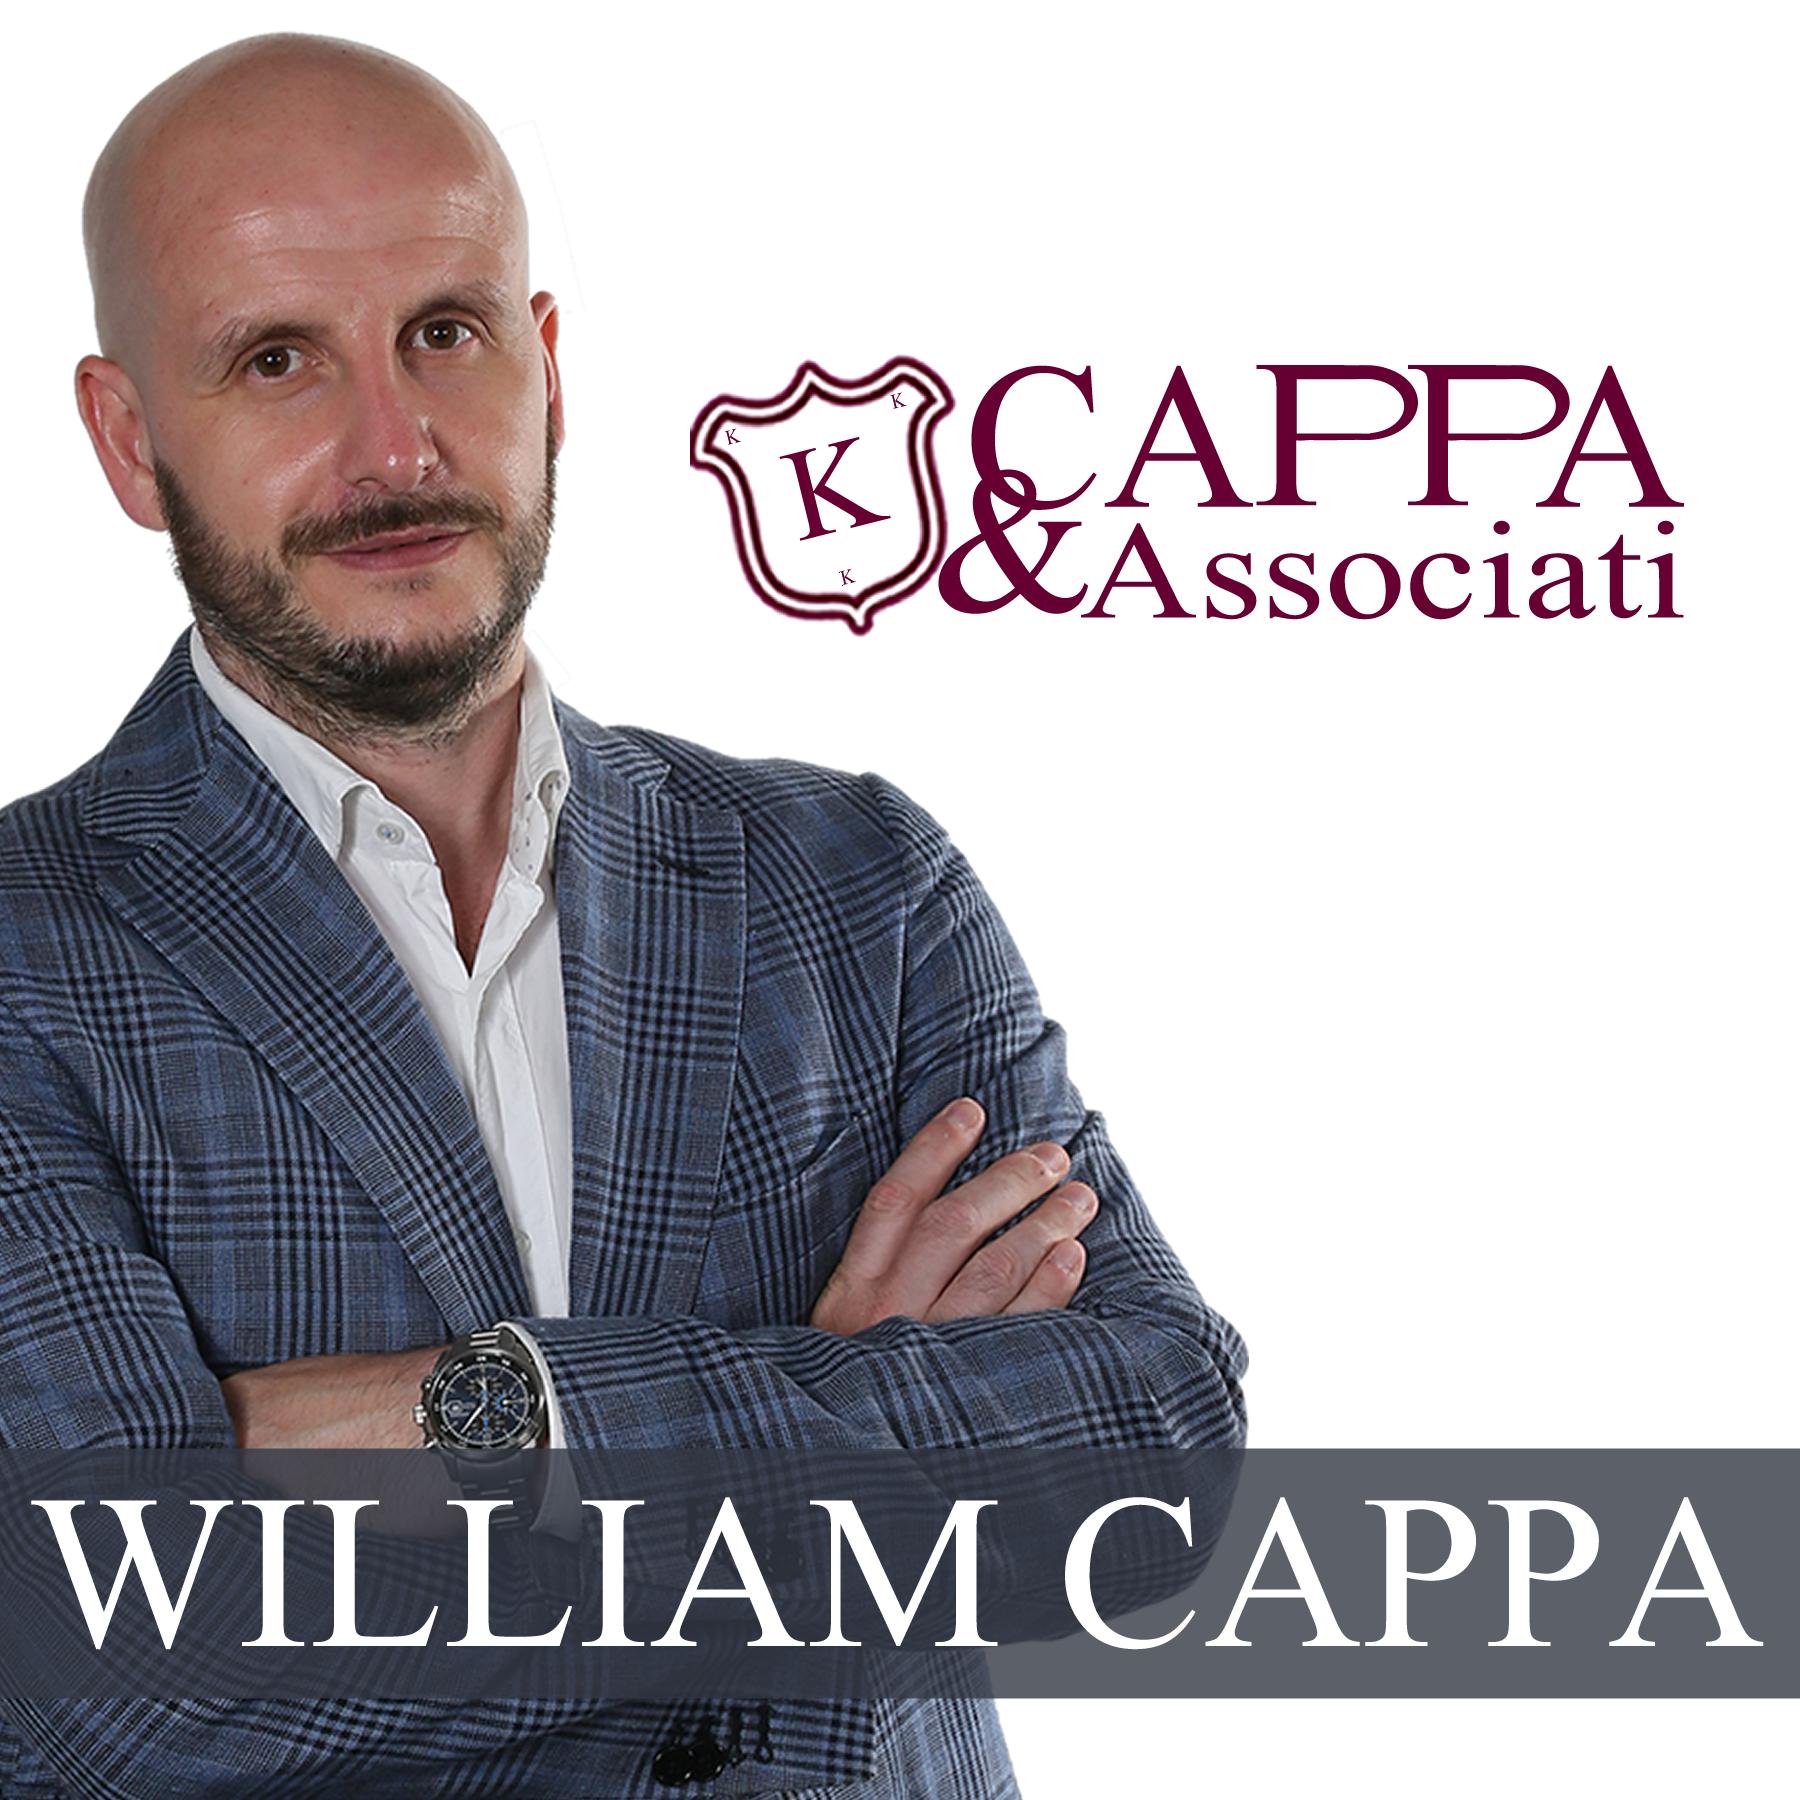 William Cappa